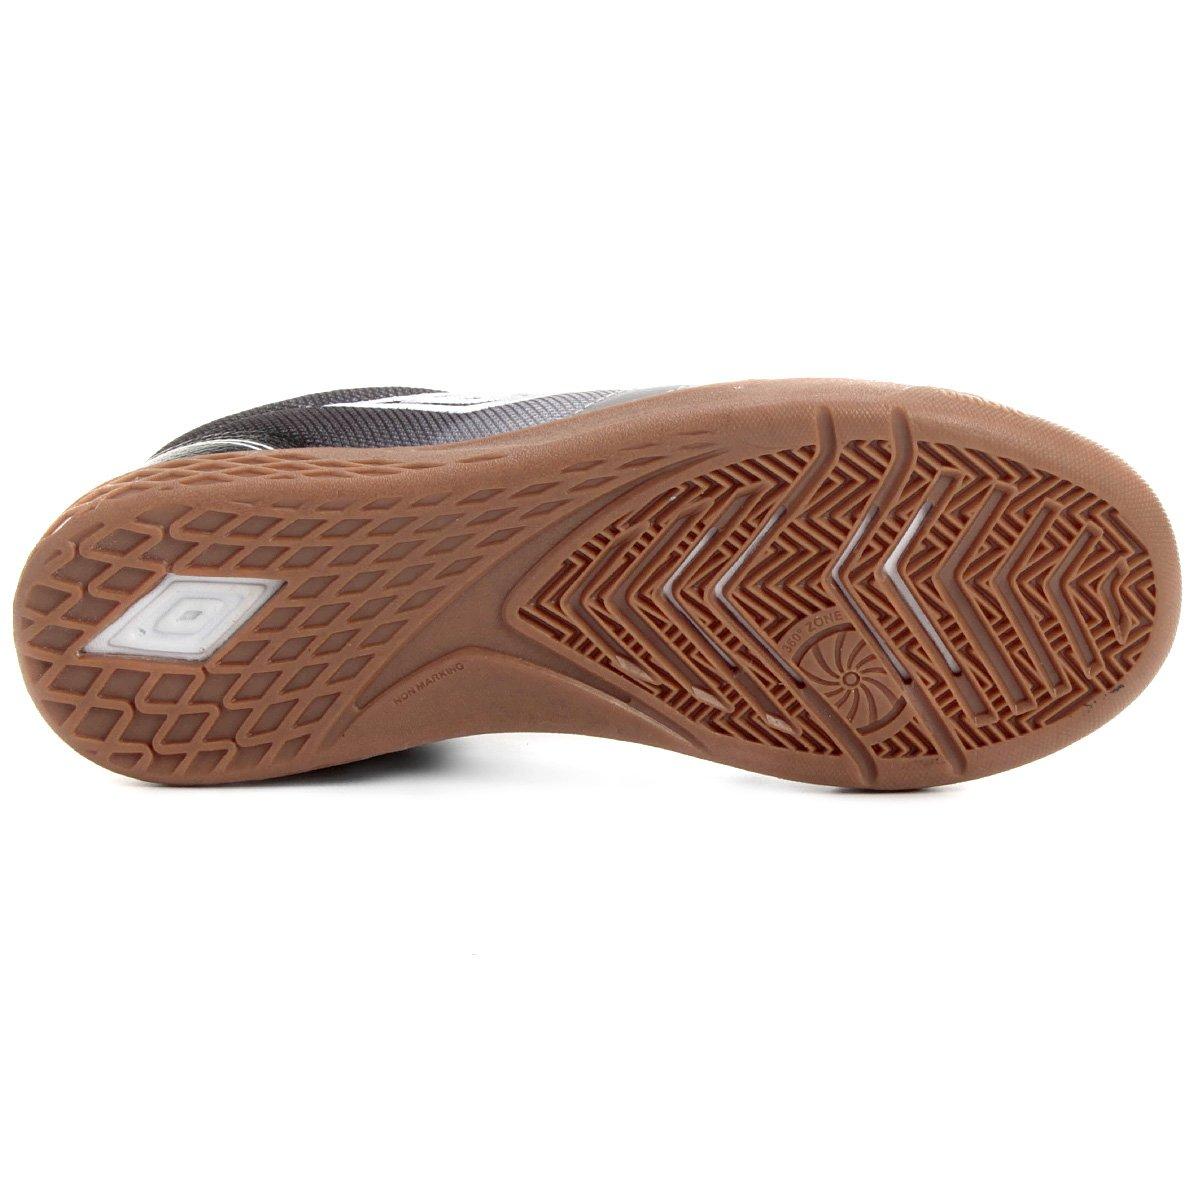 7fbe310da8 Chuteira Futsal Umbro Box - Cinza e Preto - Compre Agora